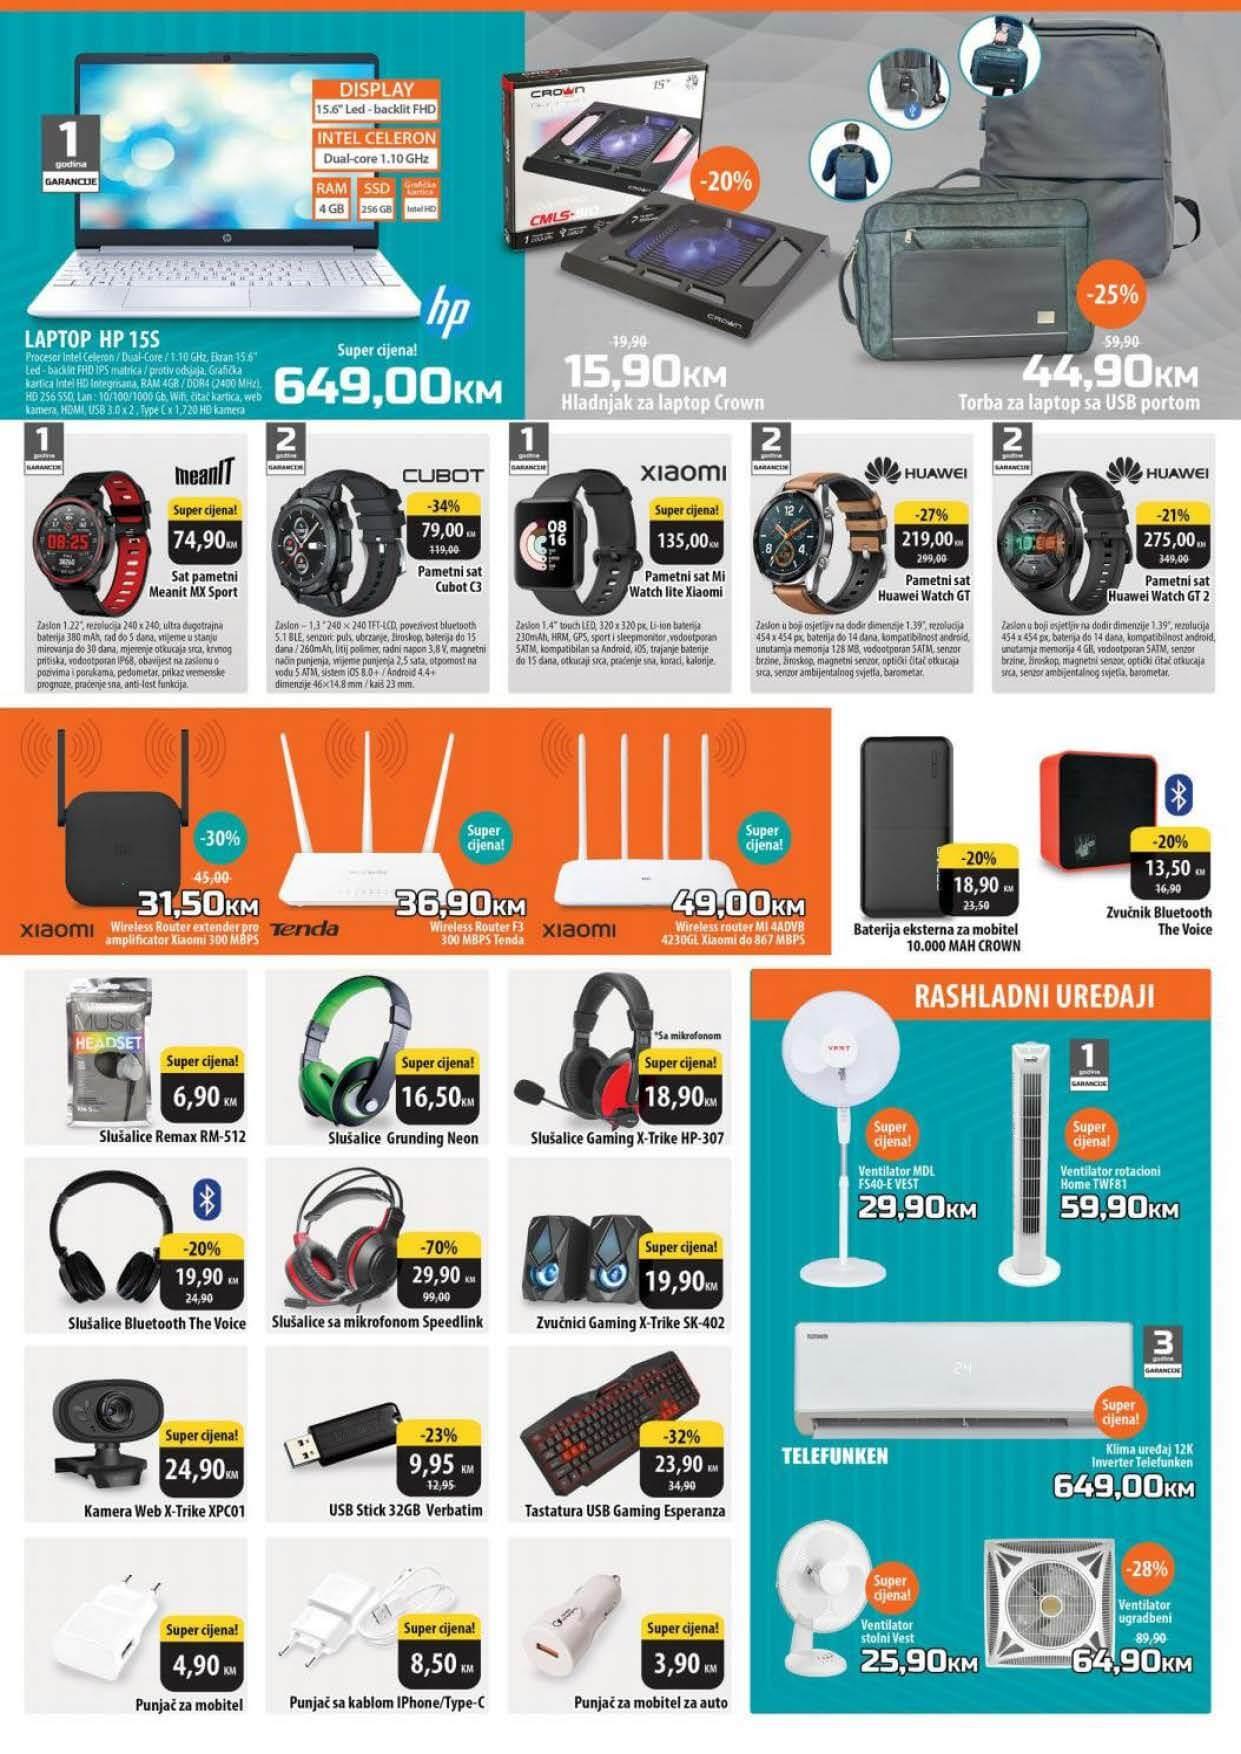 BINGO Katalog Katalog tehnike JUN i JUL 2021 11.6. 11.7. eKatalozi.com PR Page 4